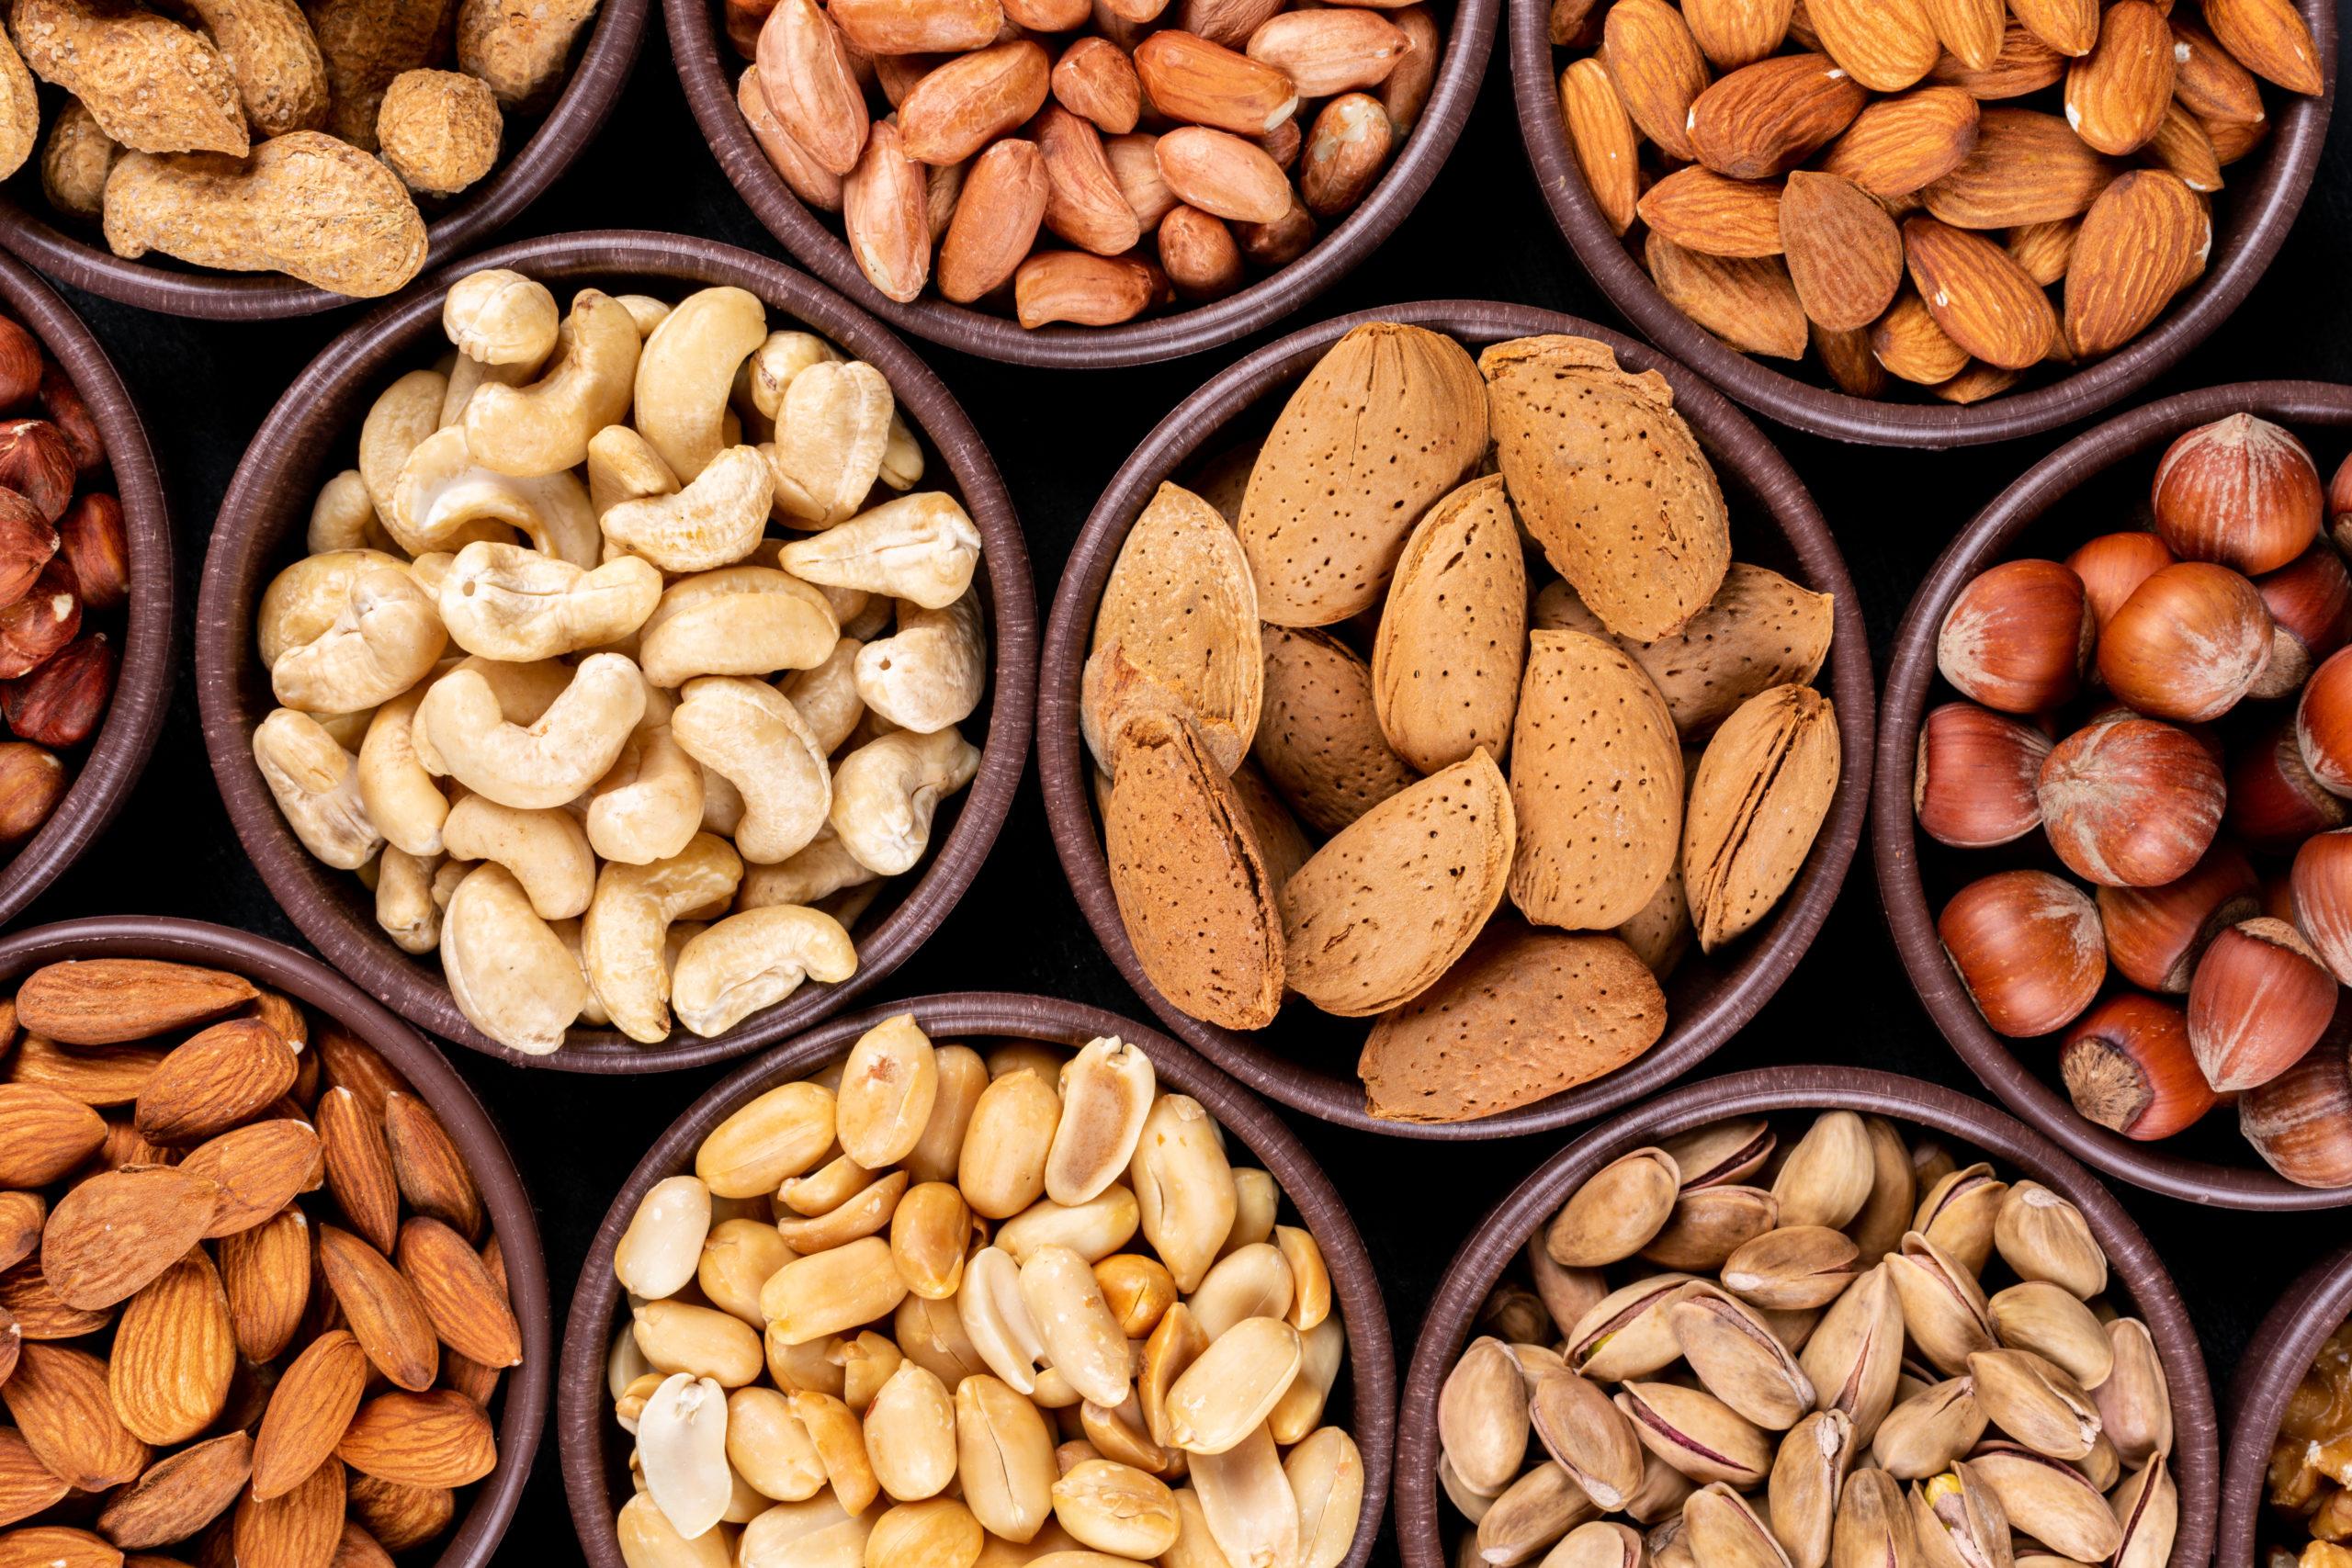 Les bons aliments pendant la grossesse : le magnésium Les bons aliments pendant la grossesse : le magnésium